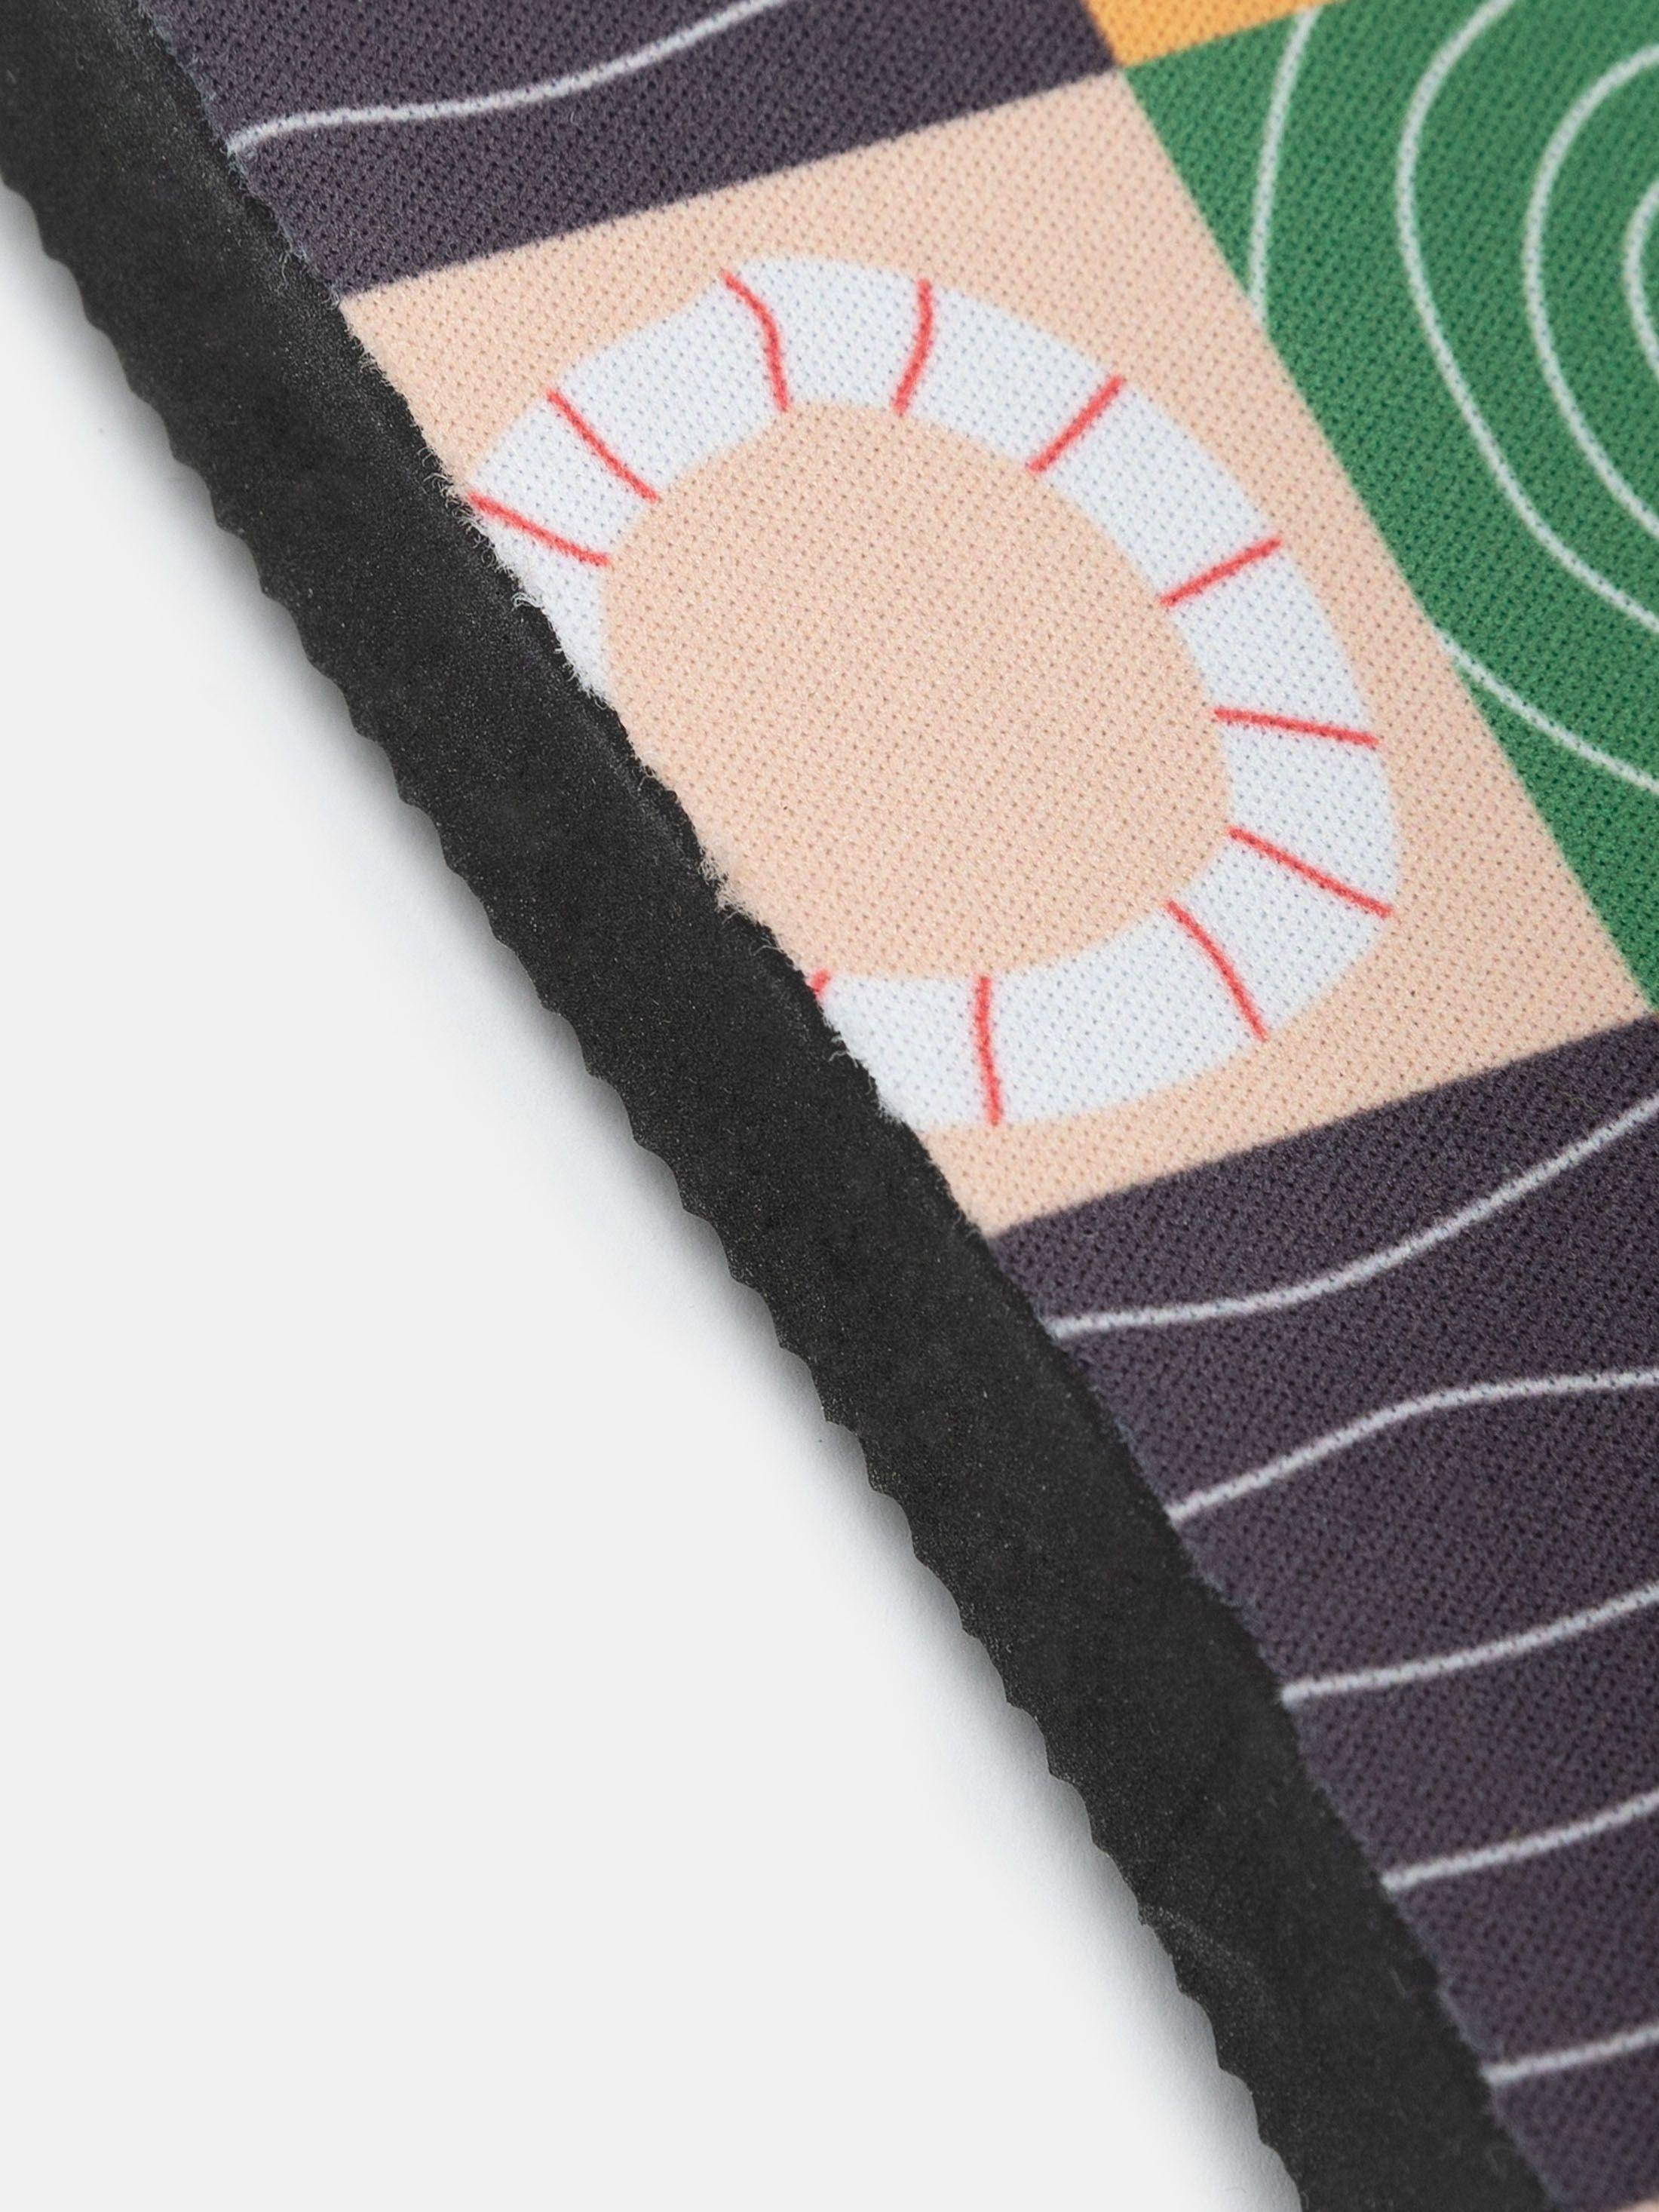 design your flip flops